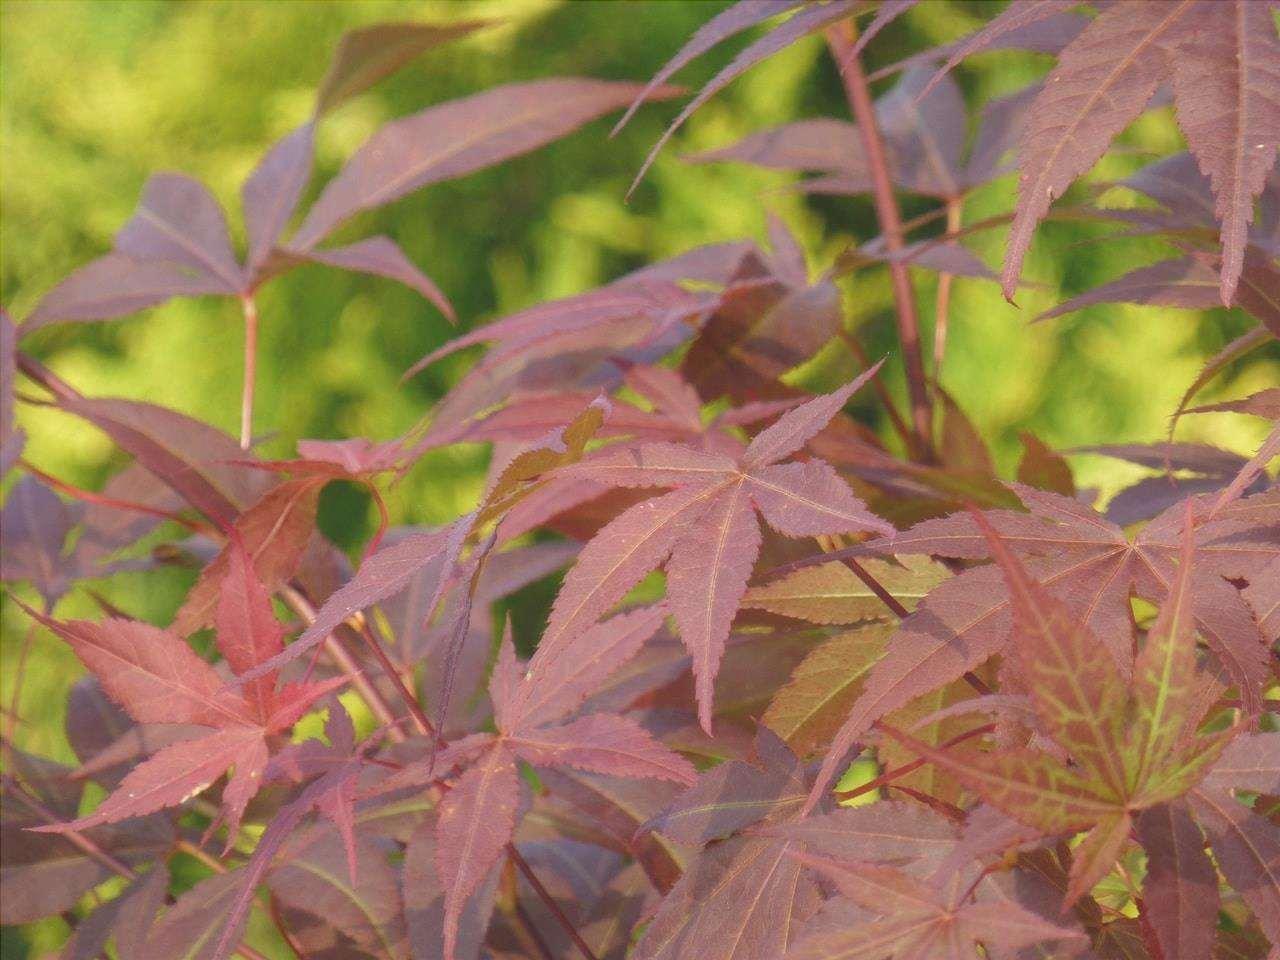 L'acero giapponese può avere foglie secche per molte ragioni